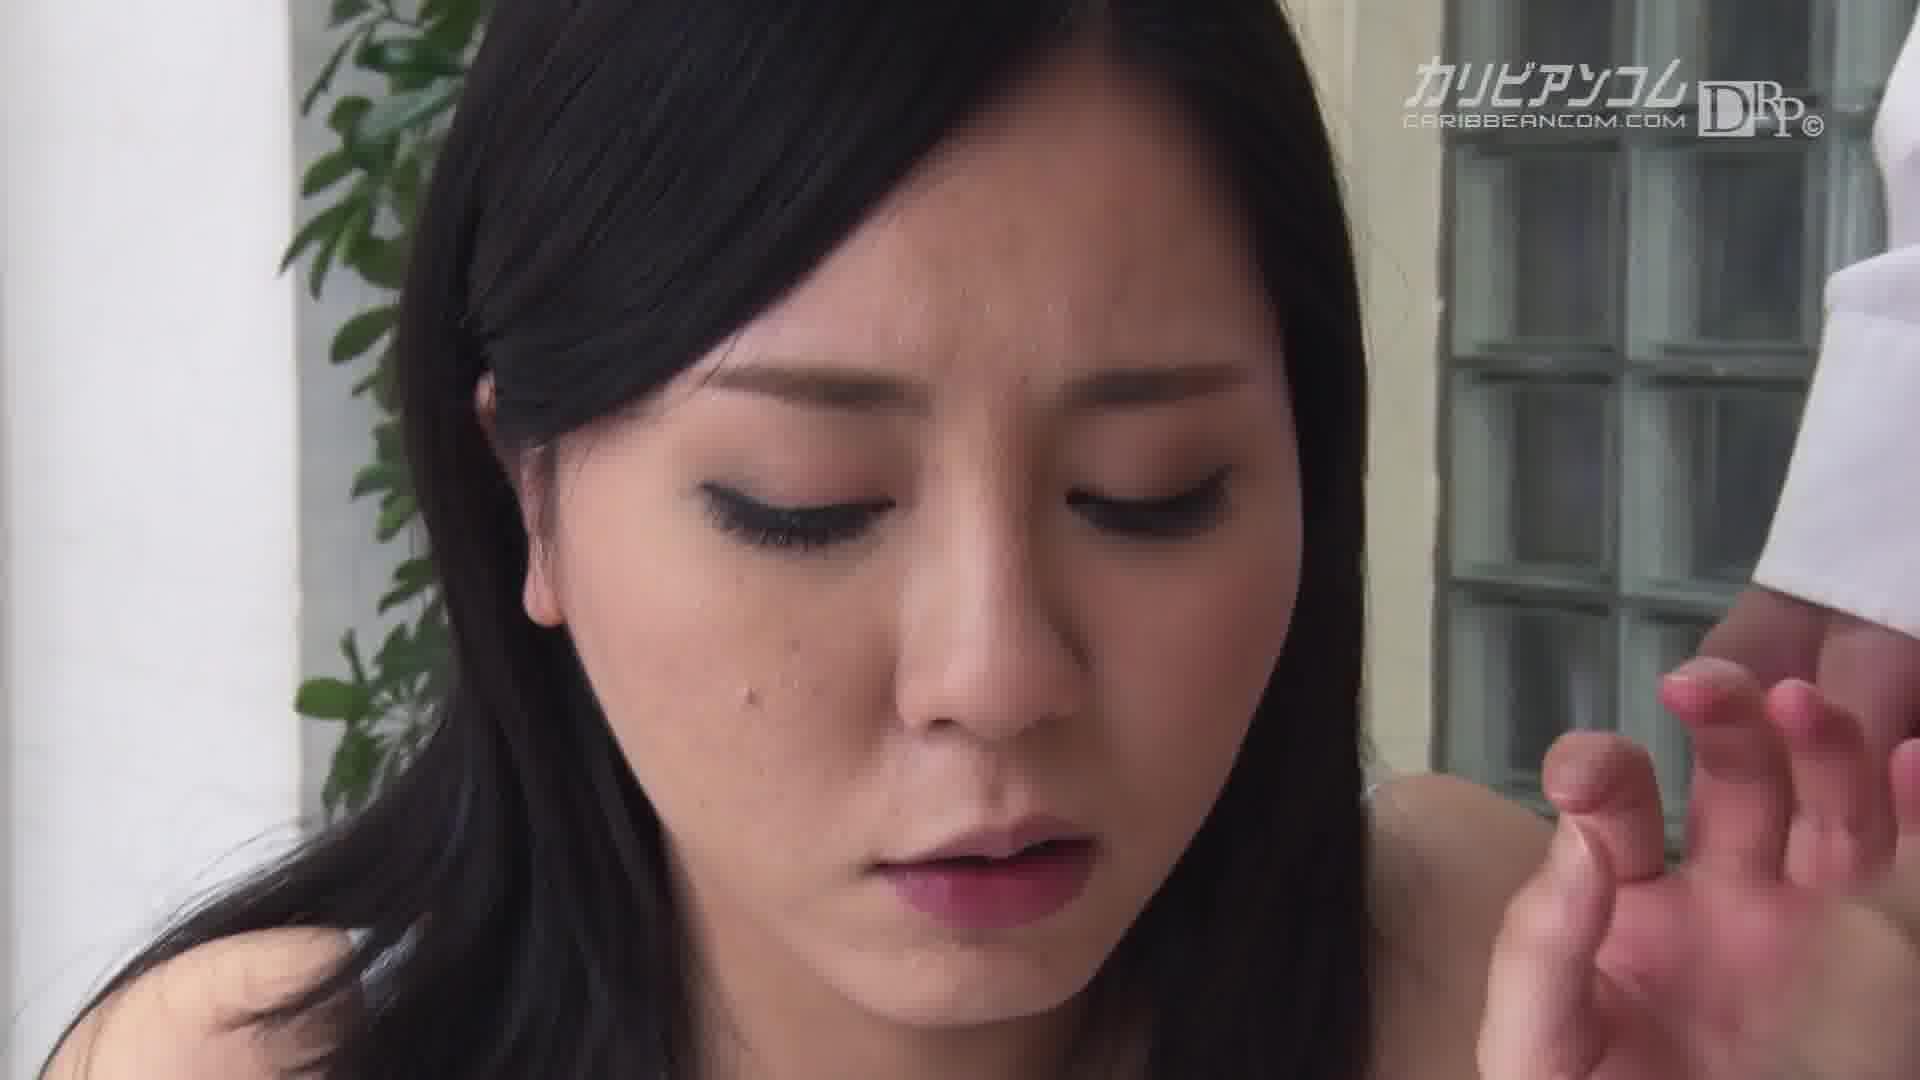 元地方局女子アナが初登場!生本番ニュースショー - 尾嶋みゆき【美乳・パイズリ・初裏】